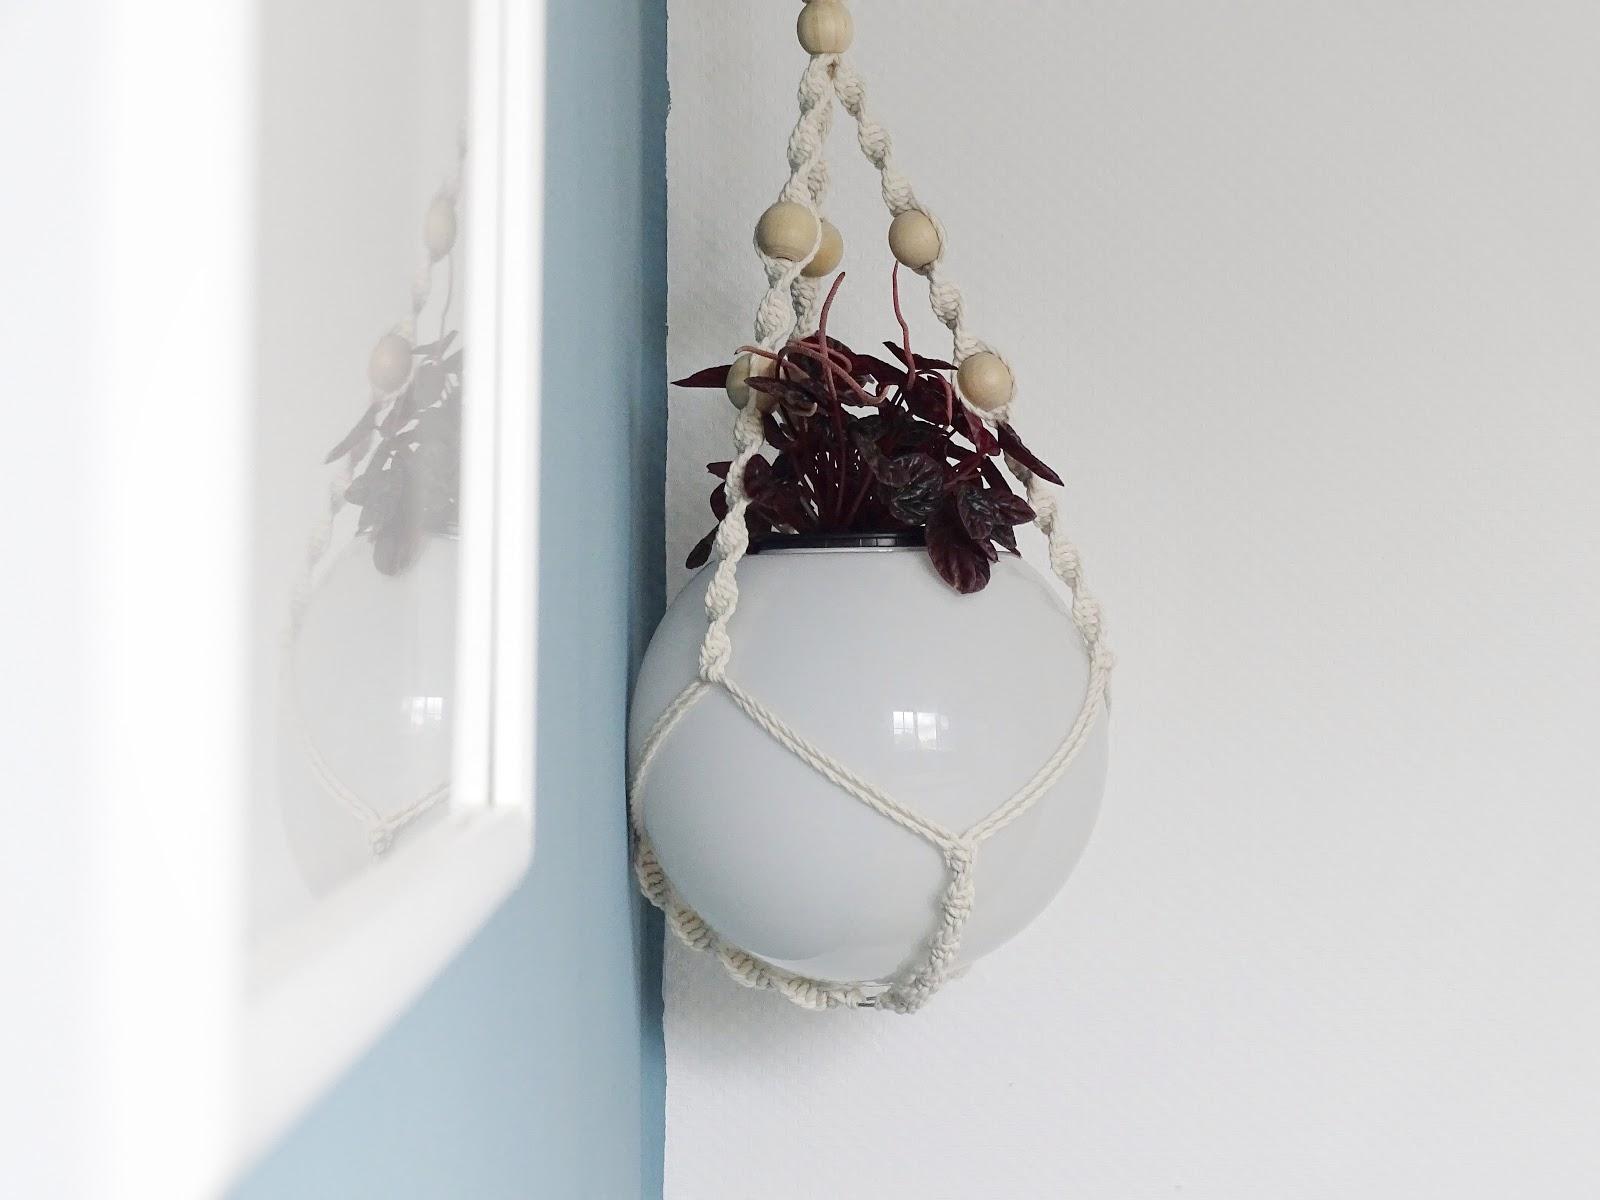 IKEA-Hack - Aus der Leuchte Fado wird eine Blumenampel - 4 wirkungsvolle Wege für ein Raum-Makeover und frischen Wind zu Hause - www.mammilade.blogspot.de